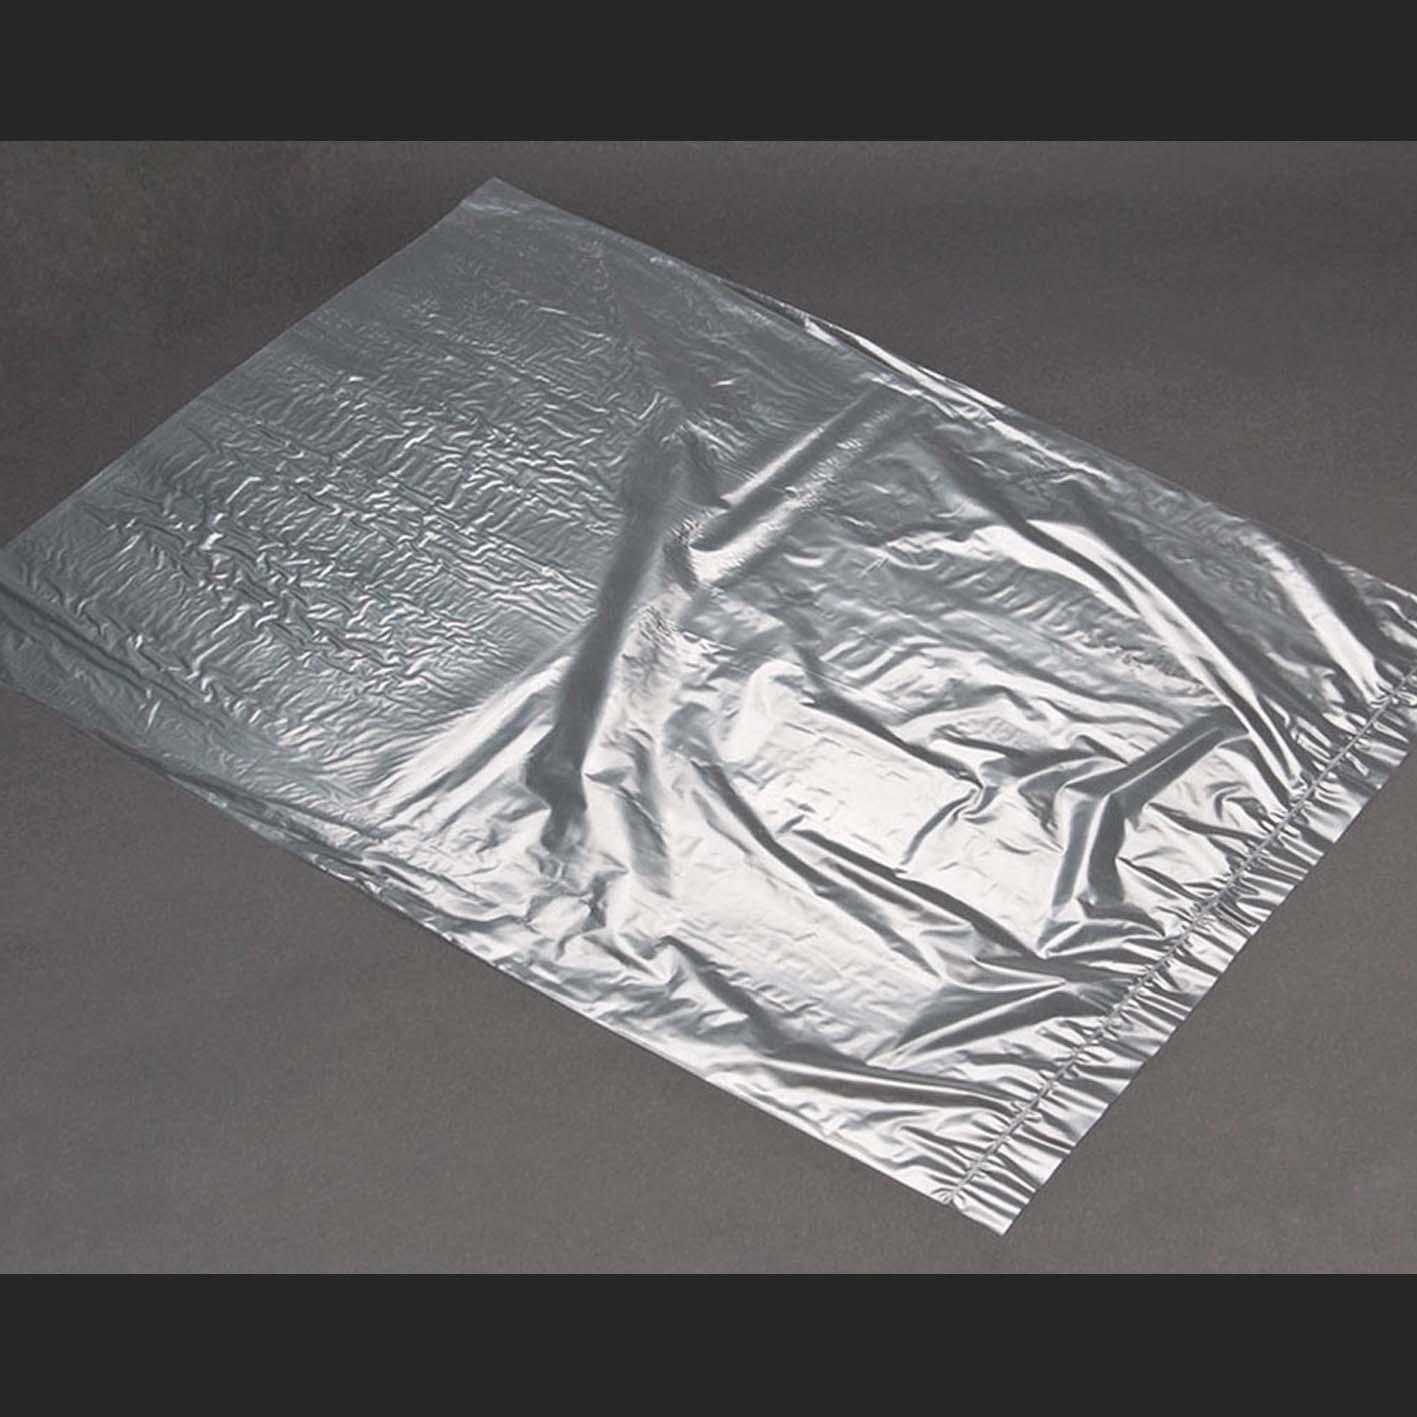 Fabricamos Bolsas De Plástico Polietileno Venta Desde 50 Kilos Llámanos